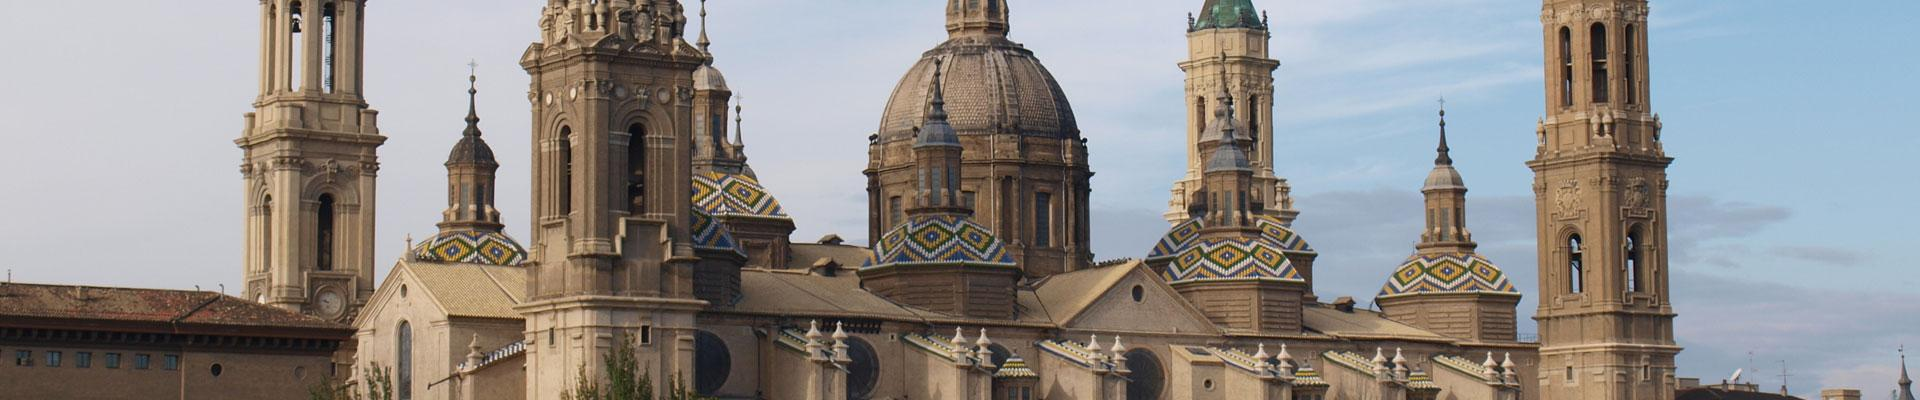 Turismo en Zaragoza